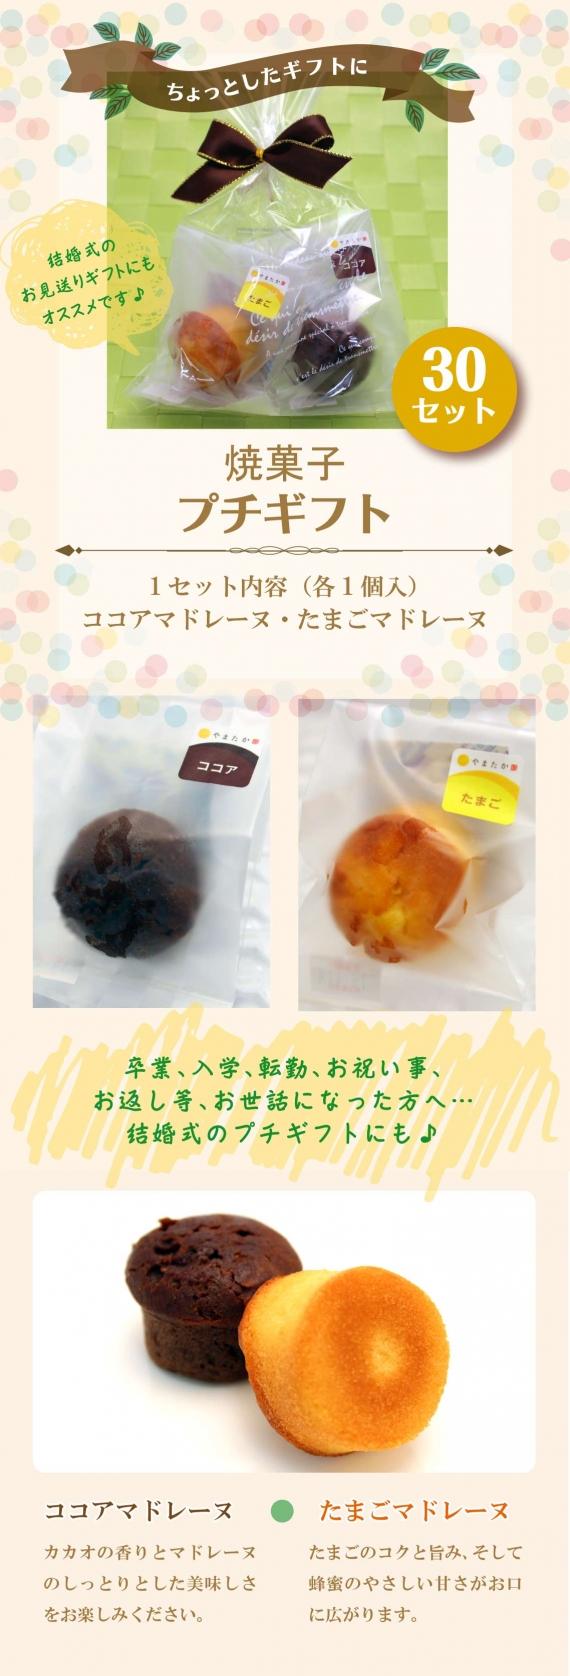 <47CLUB>プチギフト【30セット】玉子職人のプチ・マドレーヌ2種 たまご・ココア(各1個)